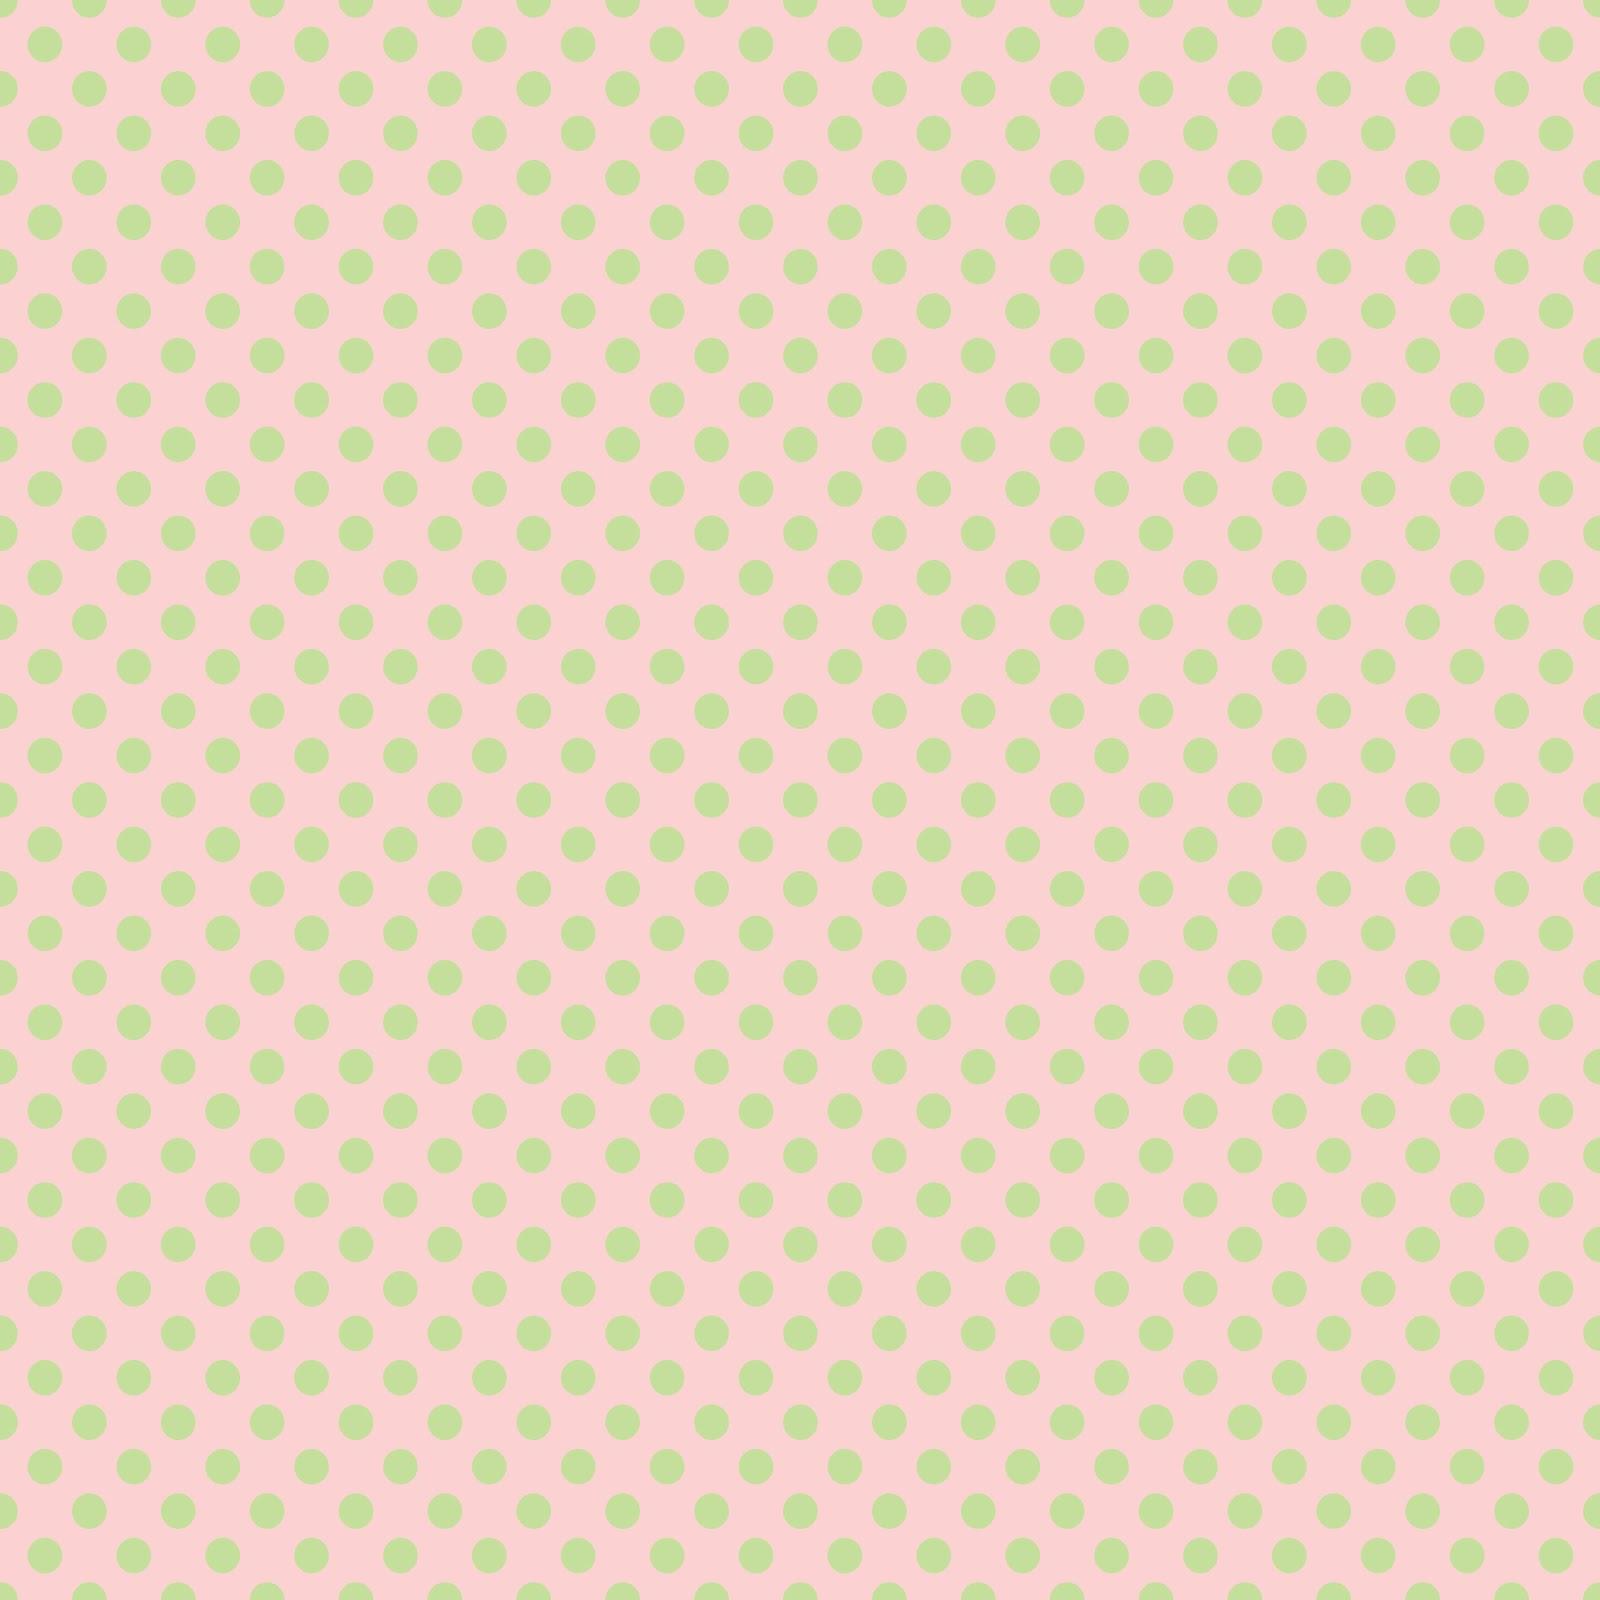 Bonjourvintage Free Digital Scrapbook Paper More Polka Dots